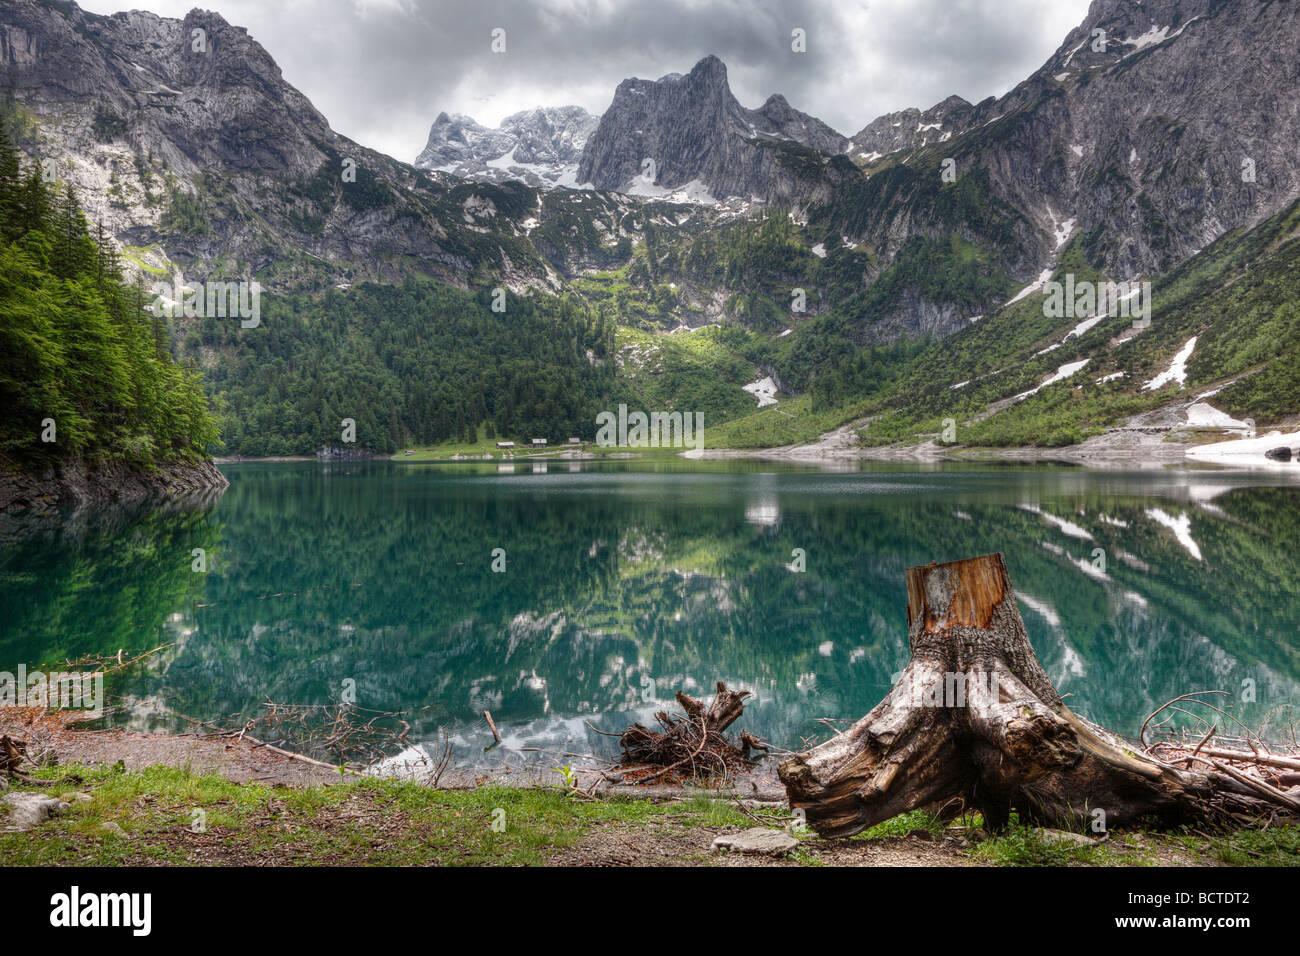 ferienwohnungen hillbrand lac gosausee dachstein dachsteingebirge montagnes region du salzkammergut haute autriche autriche europe